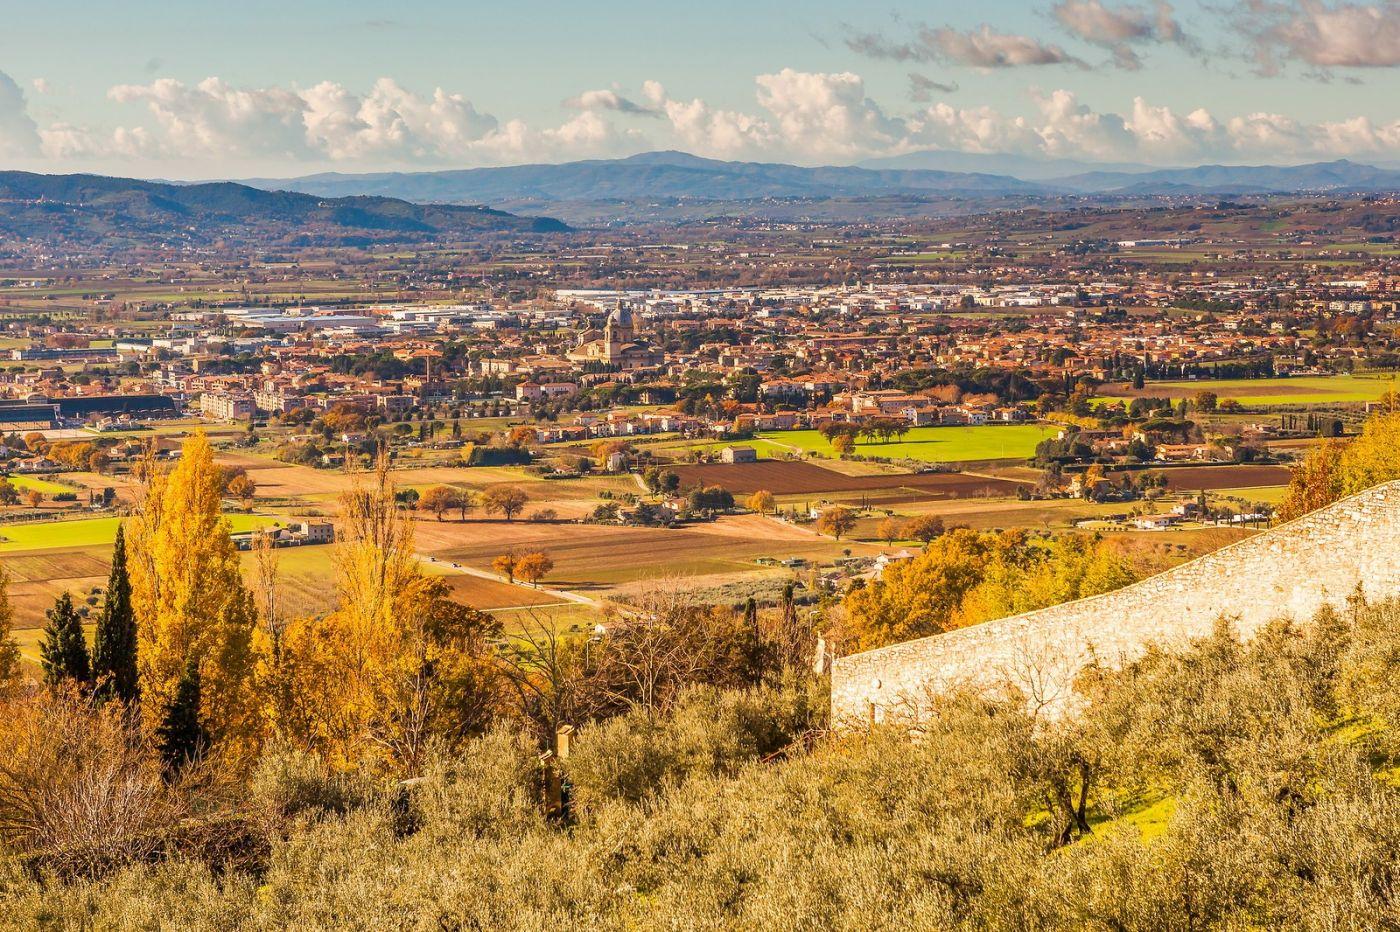 意大利阿西西(Assisi), 登高放眼_图1-5